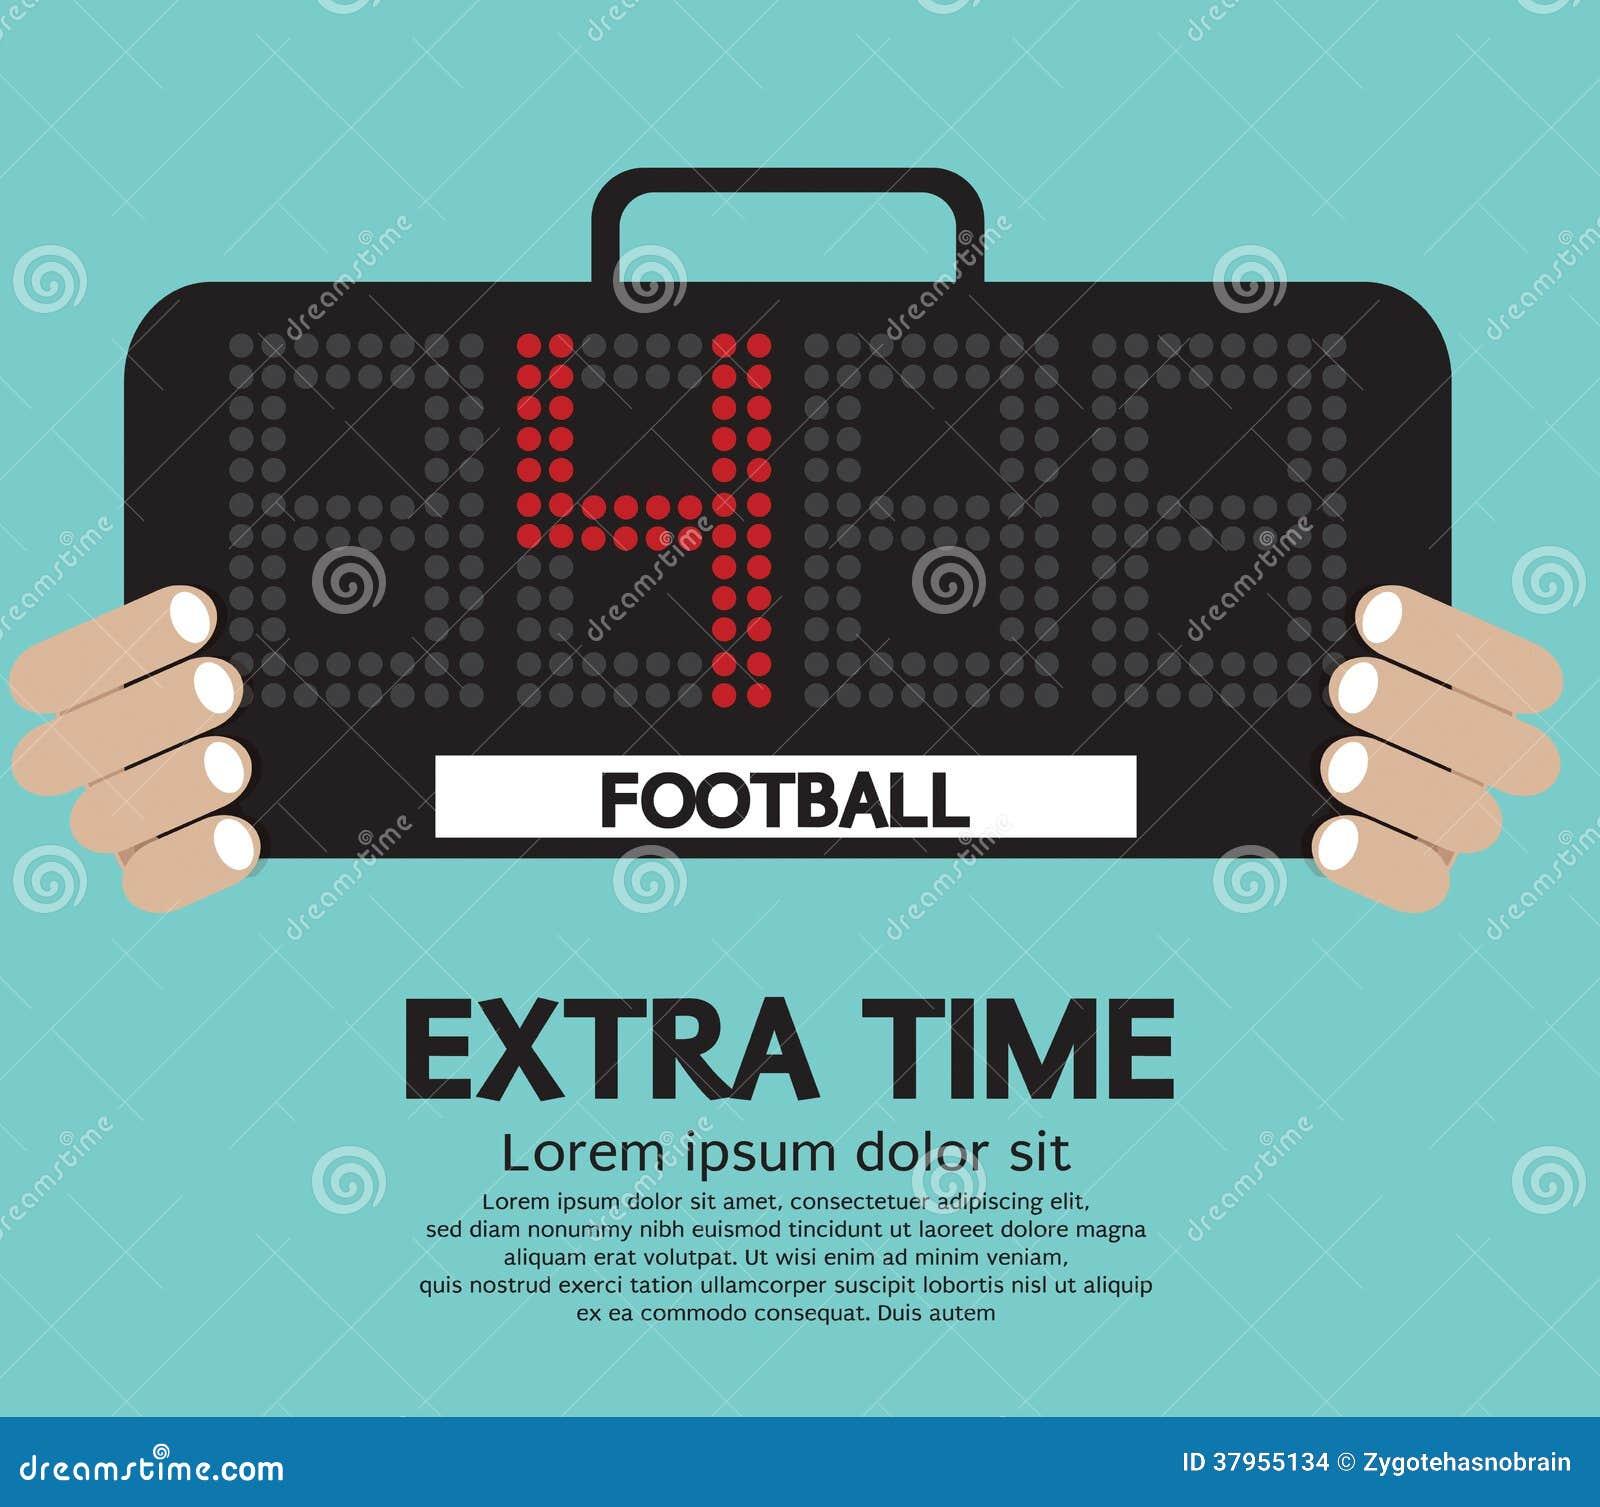 Έξτρα χρόνος ποδοσφαίρου.